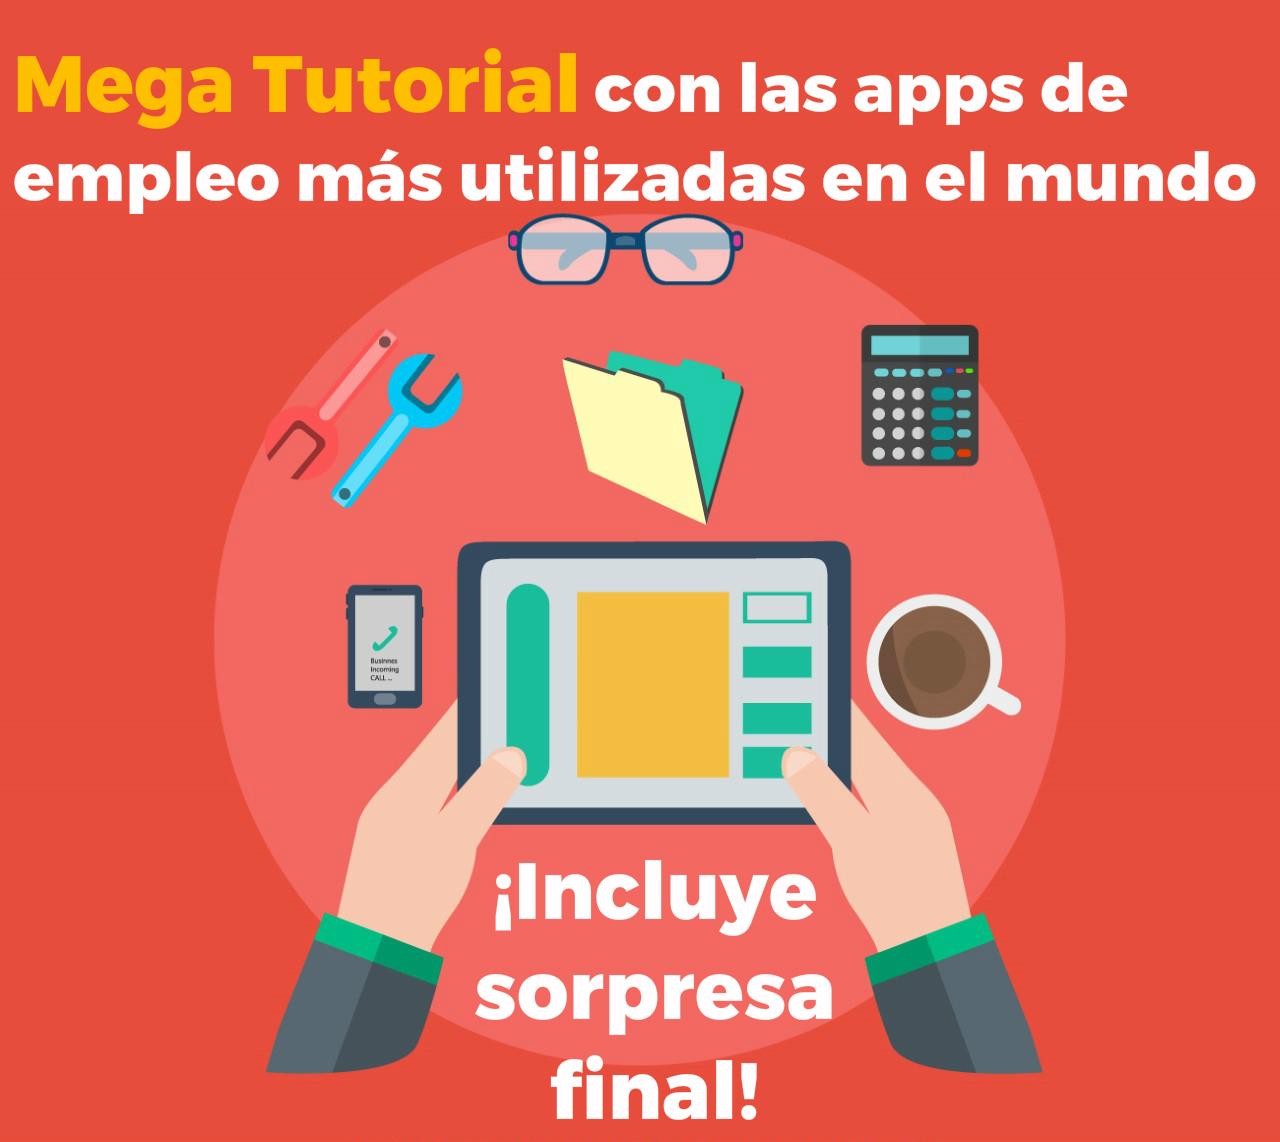 Mega Tutorial con las apps de empleo más utilizadas en el mundo ...